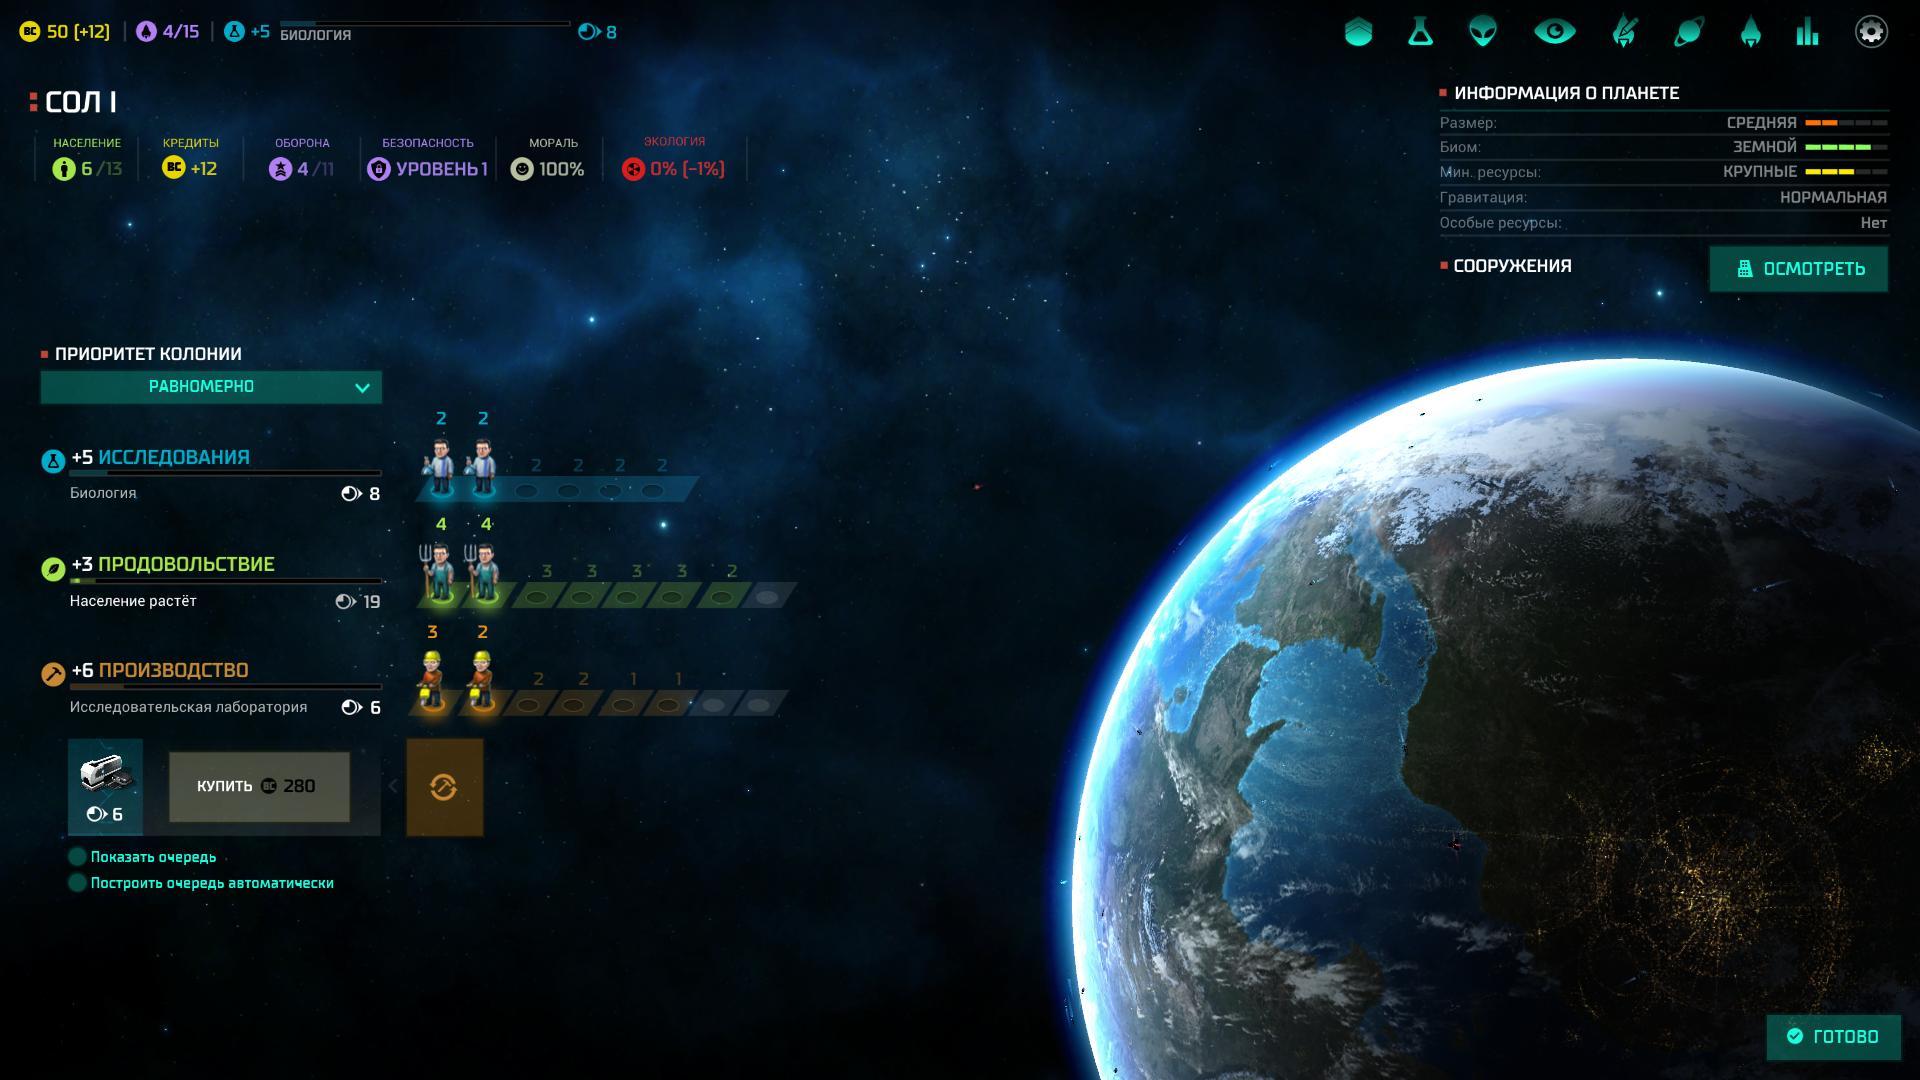 Планетарный интерфейс не слишком удобен, но очень красив.